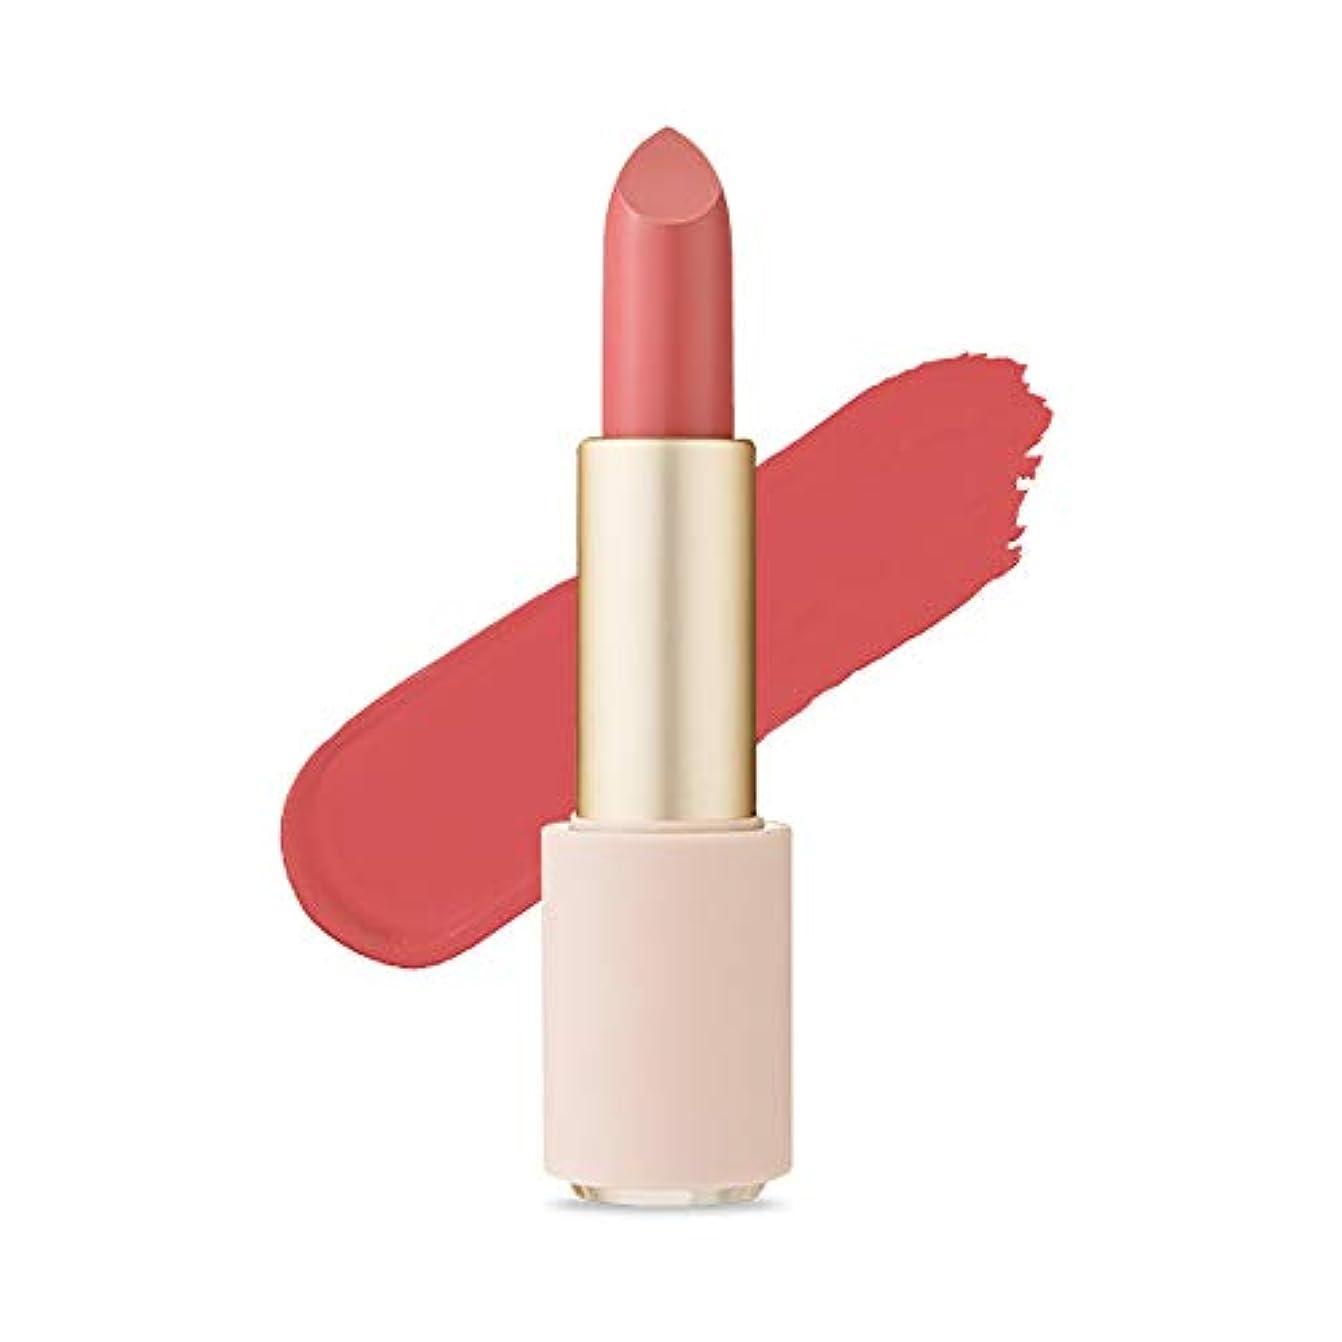 地球妊娠した天才Etude House Better Lips Talk Velvet エチュードハウス ベター リップス - トーク ベルベット (# PK002 Mink Pink) [並行輸入品]